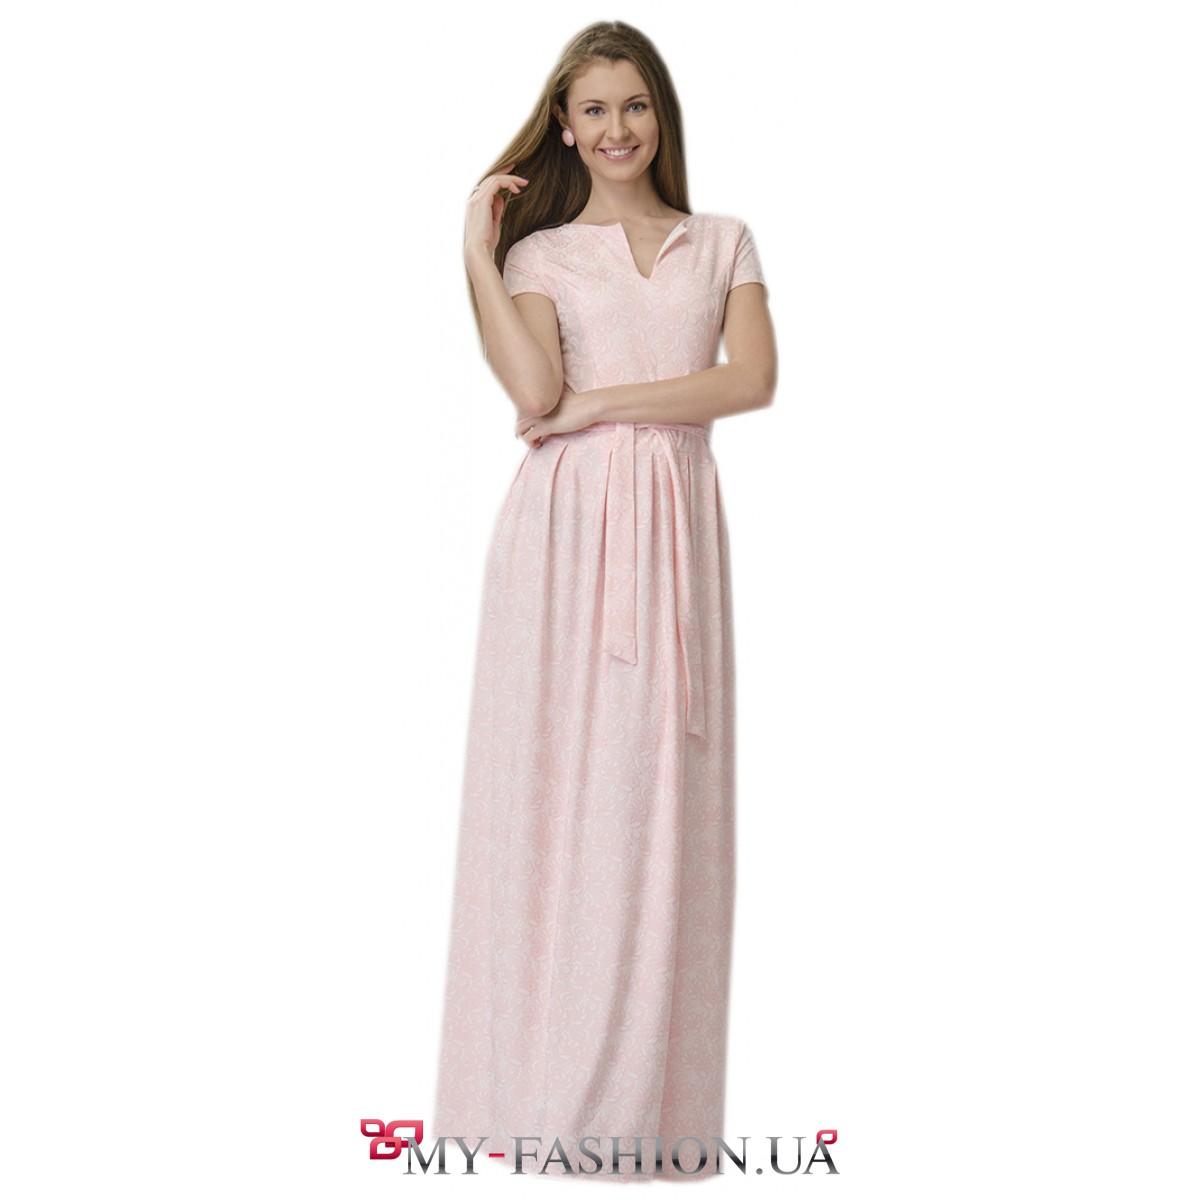 Платье нежных цветов купить